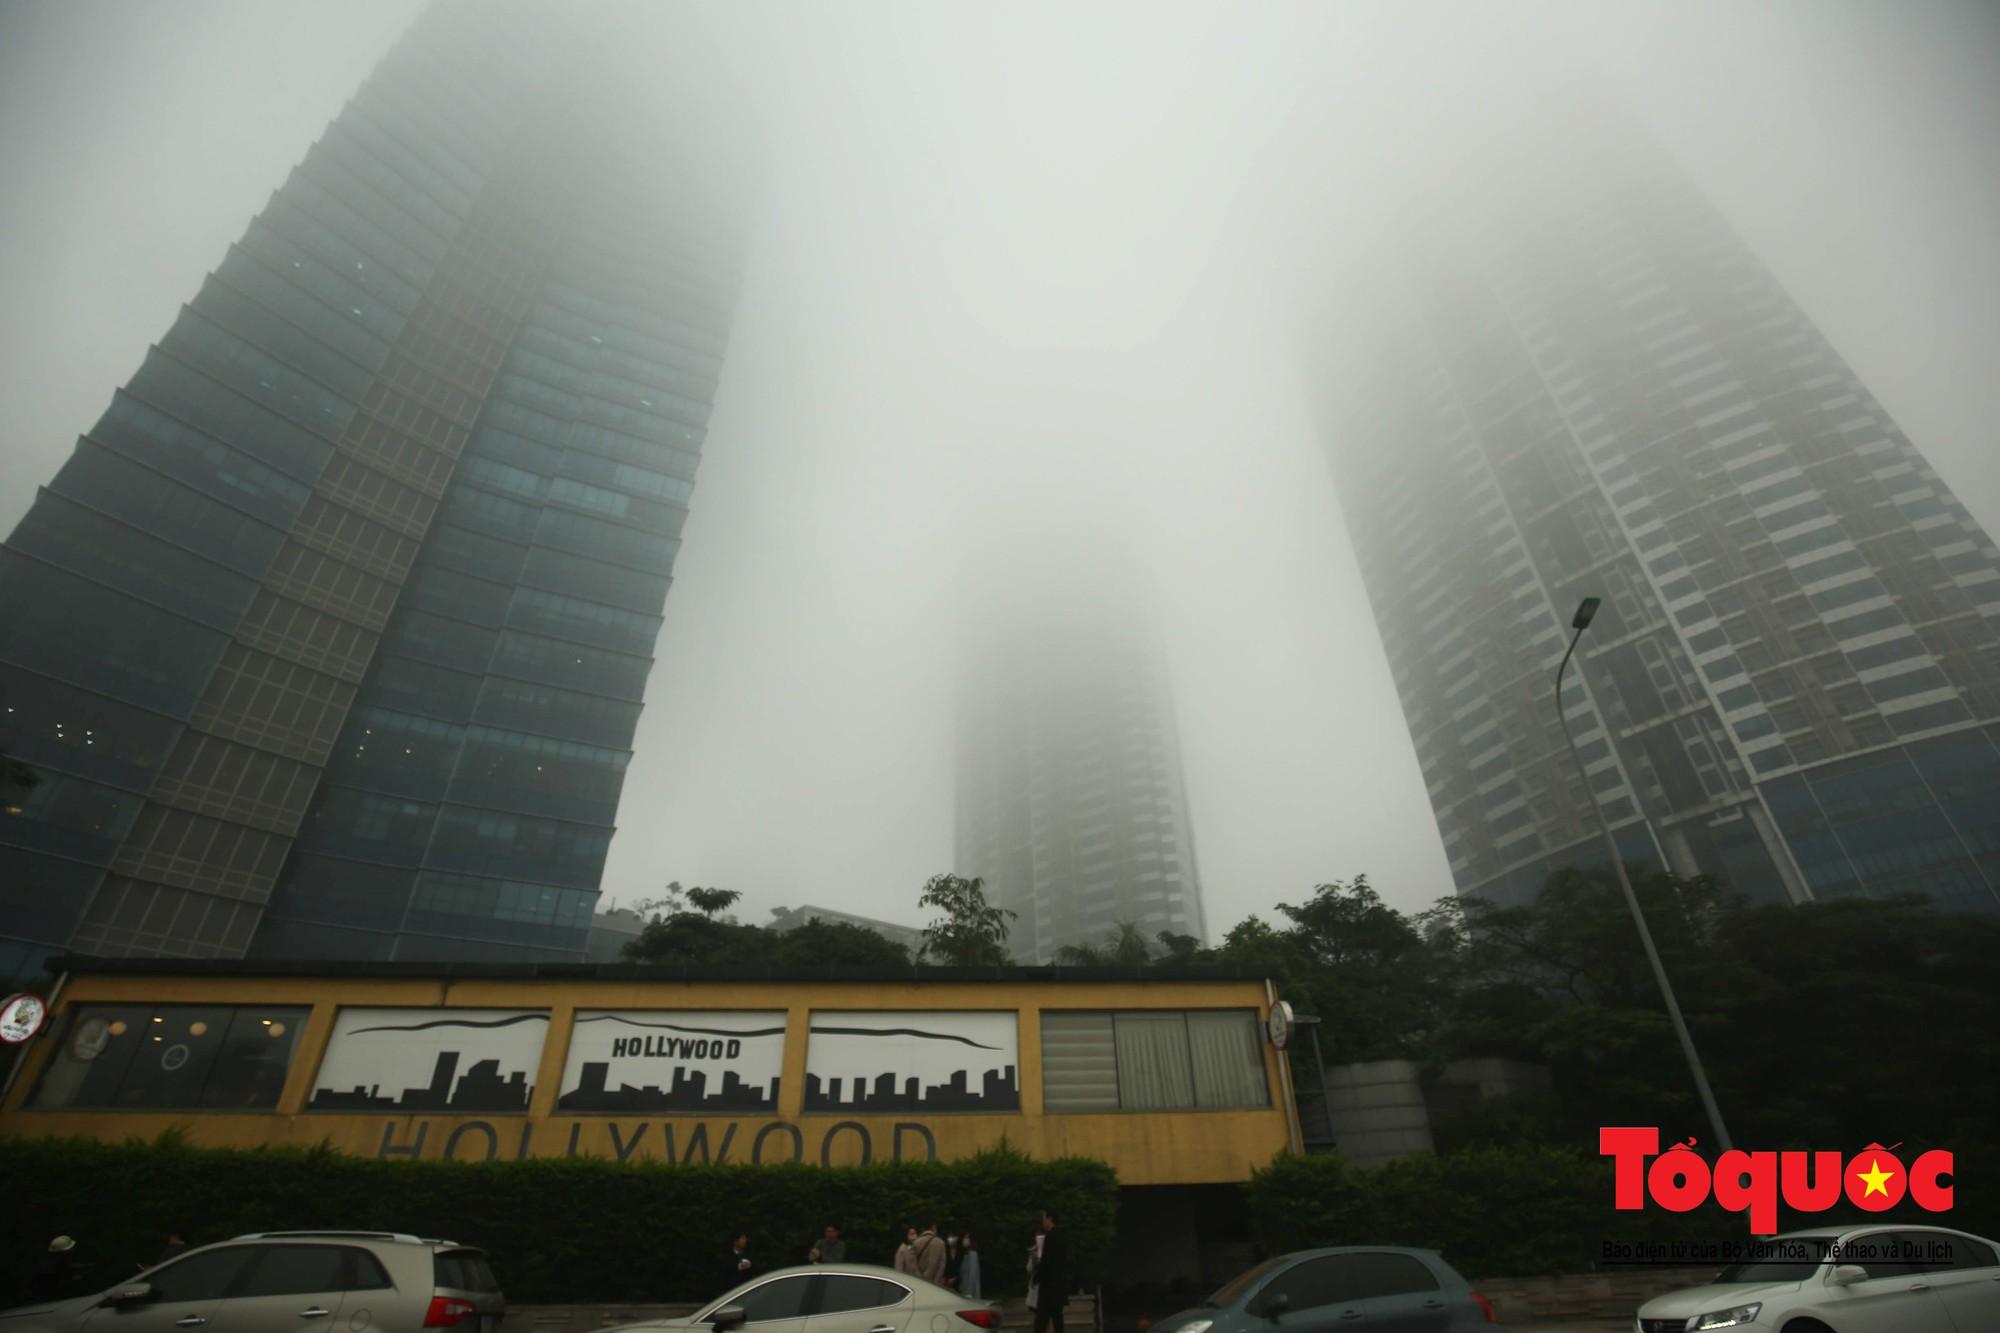 Cao ốc Hà Nội chơi ú tìm trong lớp sương mù dày đặc7